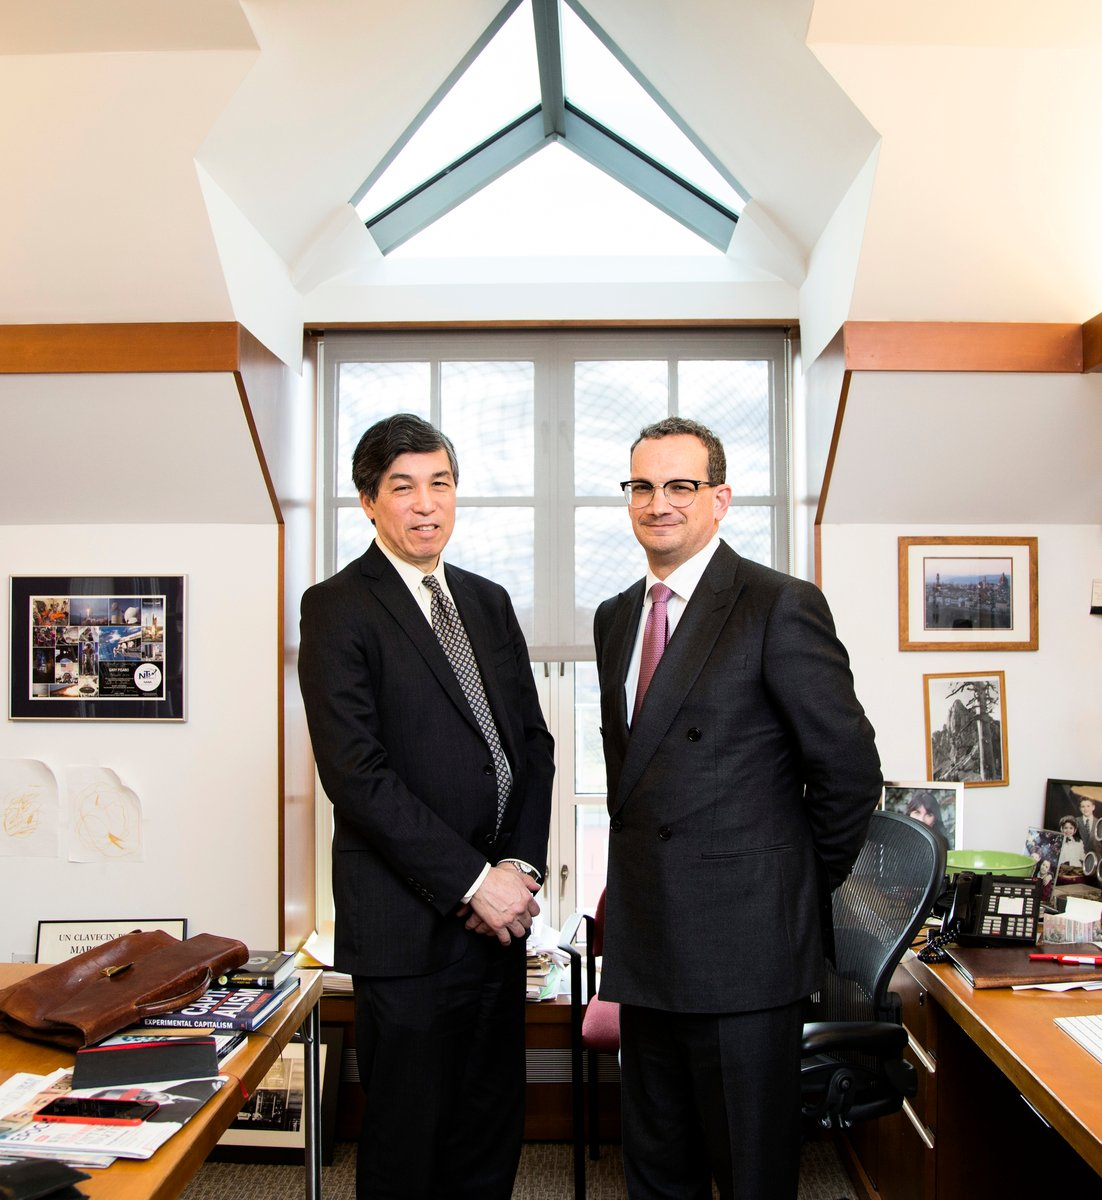 哈佛大學教授威利·施(Willy C. Shih)(左)和加裏·皮薩諾(Gary Pisano)合照。照片攝於2017年1月27日,施教授辦公室。 (Samira Bouaou/大紀元)